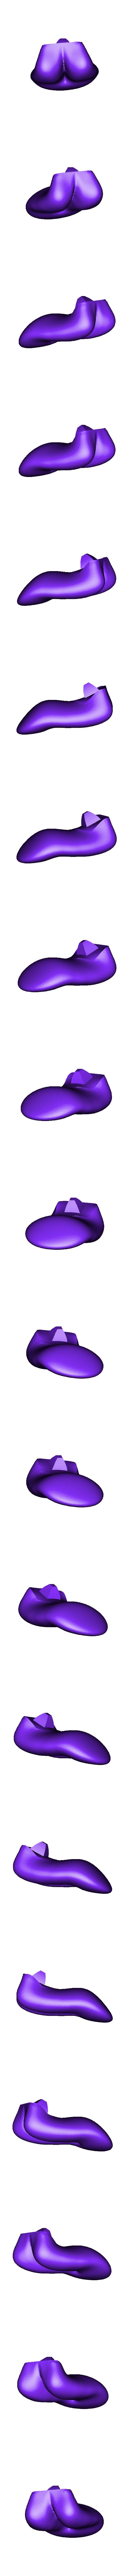 Fat_Buu_-_Tongue.stl Télécharger fichier STL gratuit Fat Buu - Dragon Ball • Plan imprimable en 3D, BODY3D